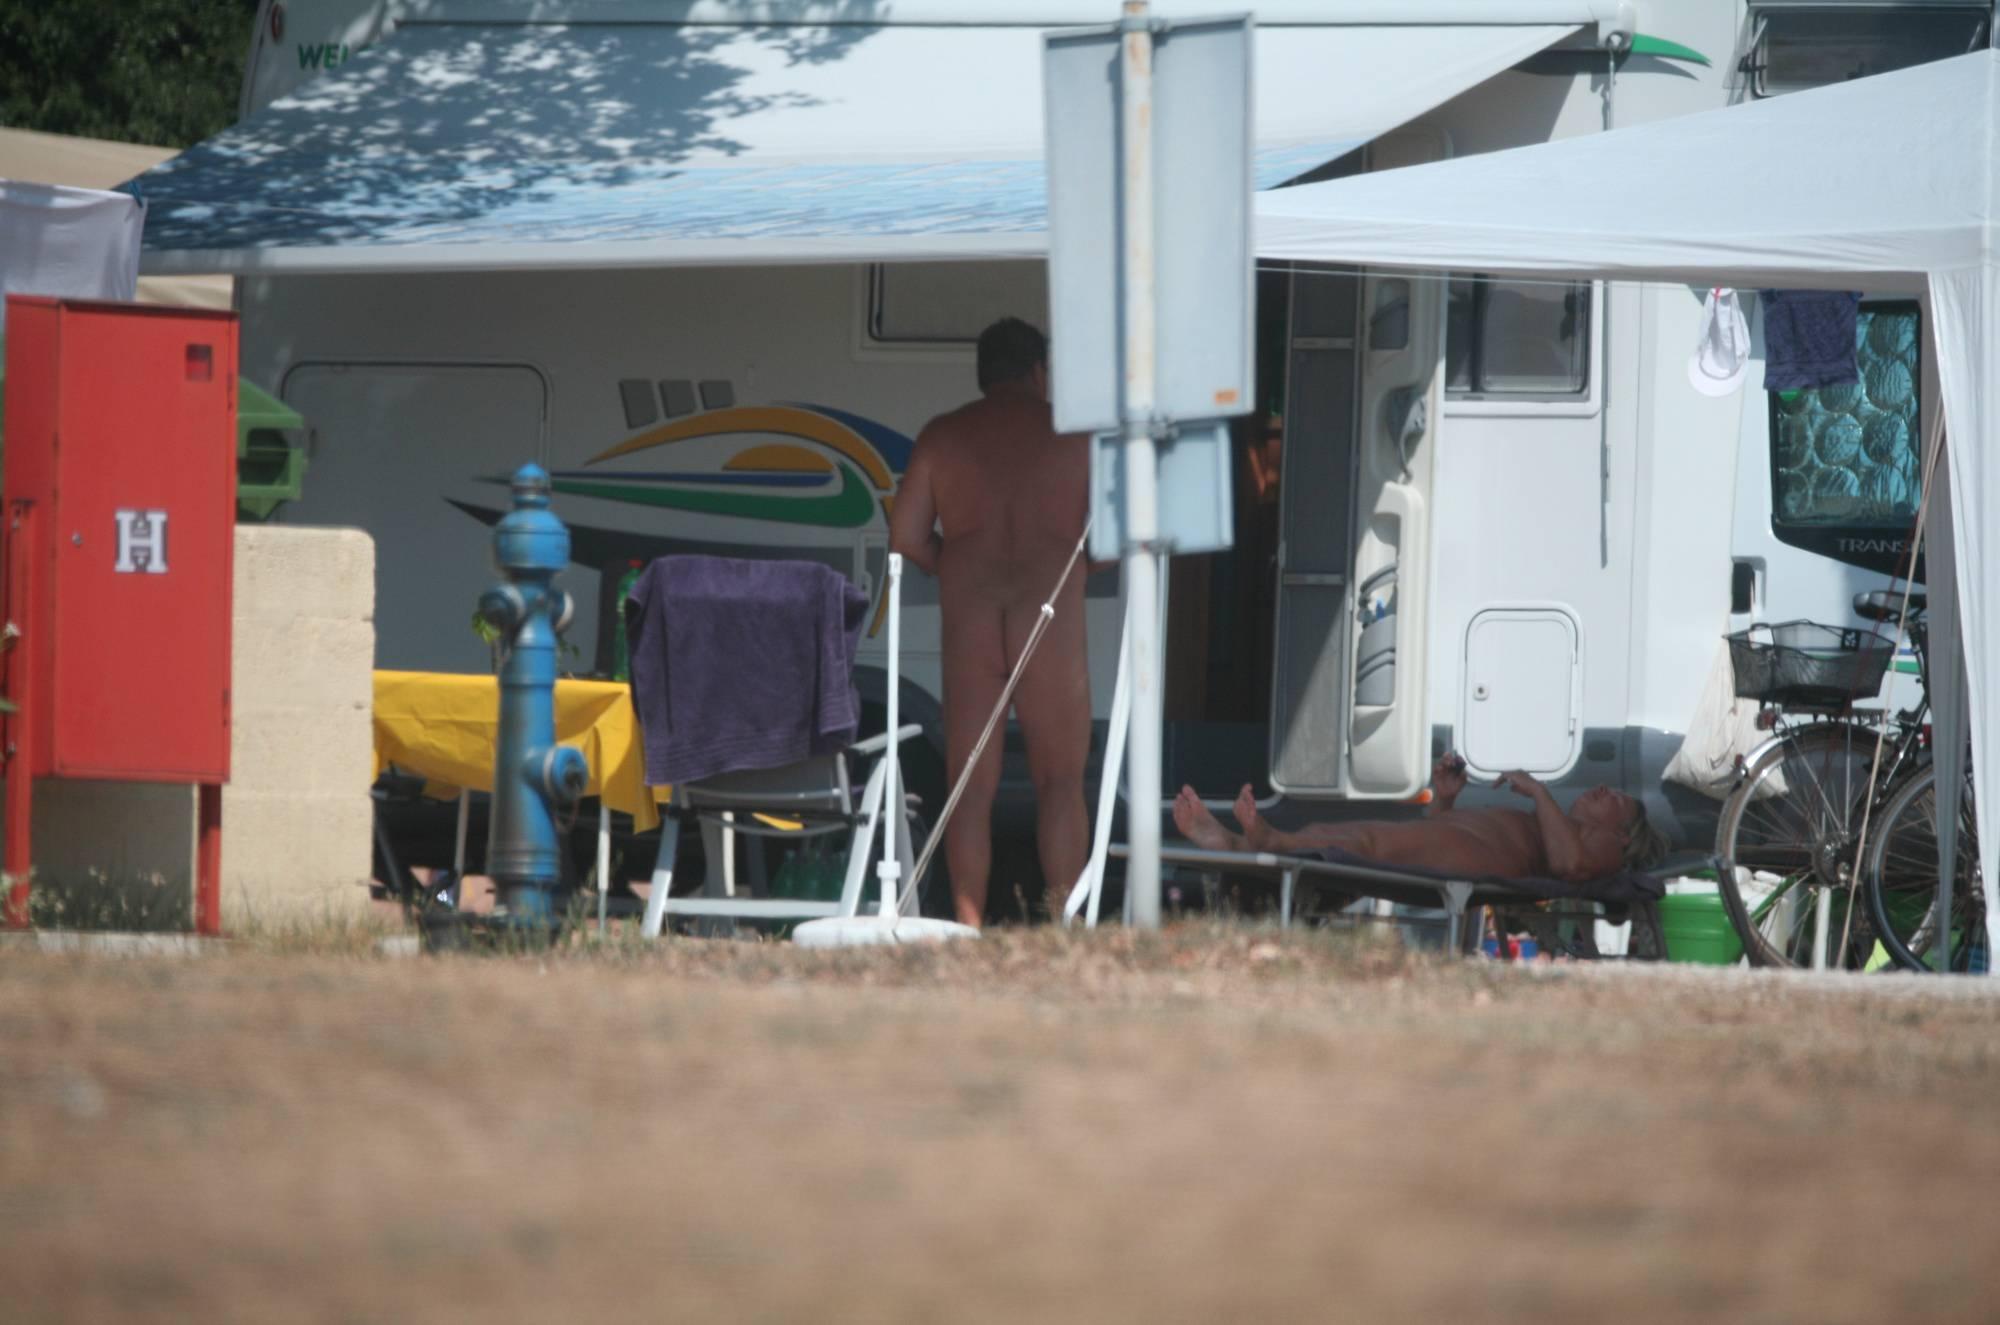 Nudist Pictures Nuda FKK Camp Locations - 1